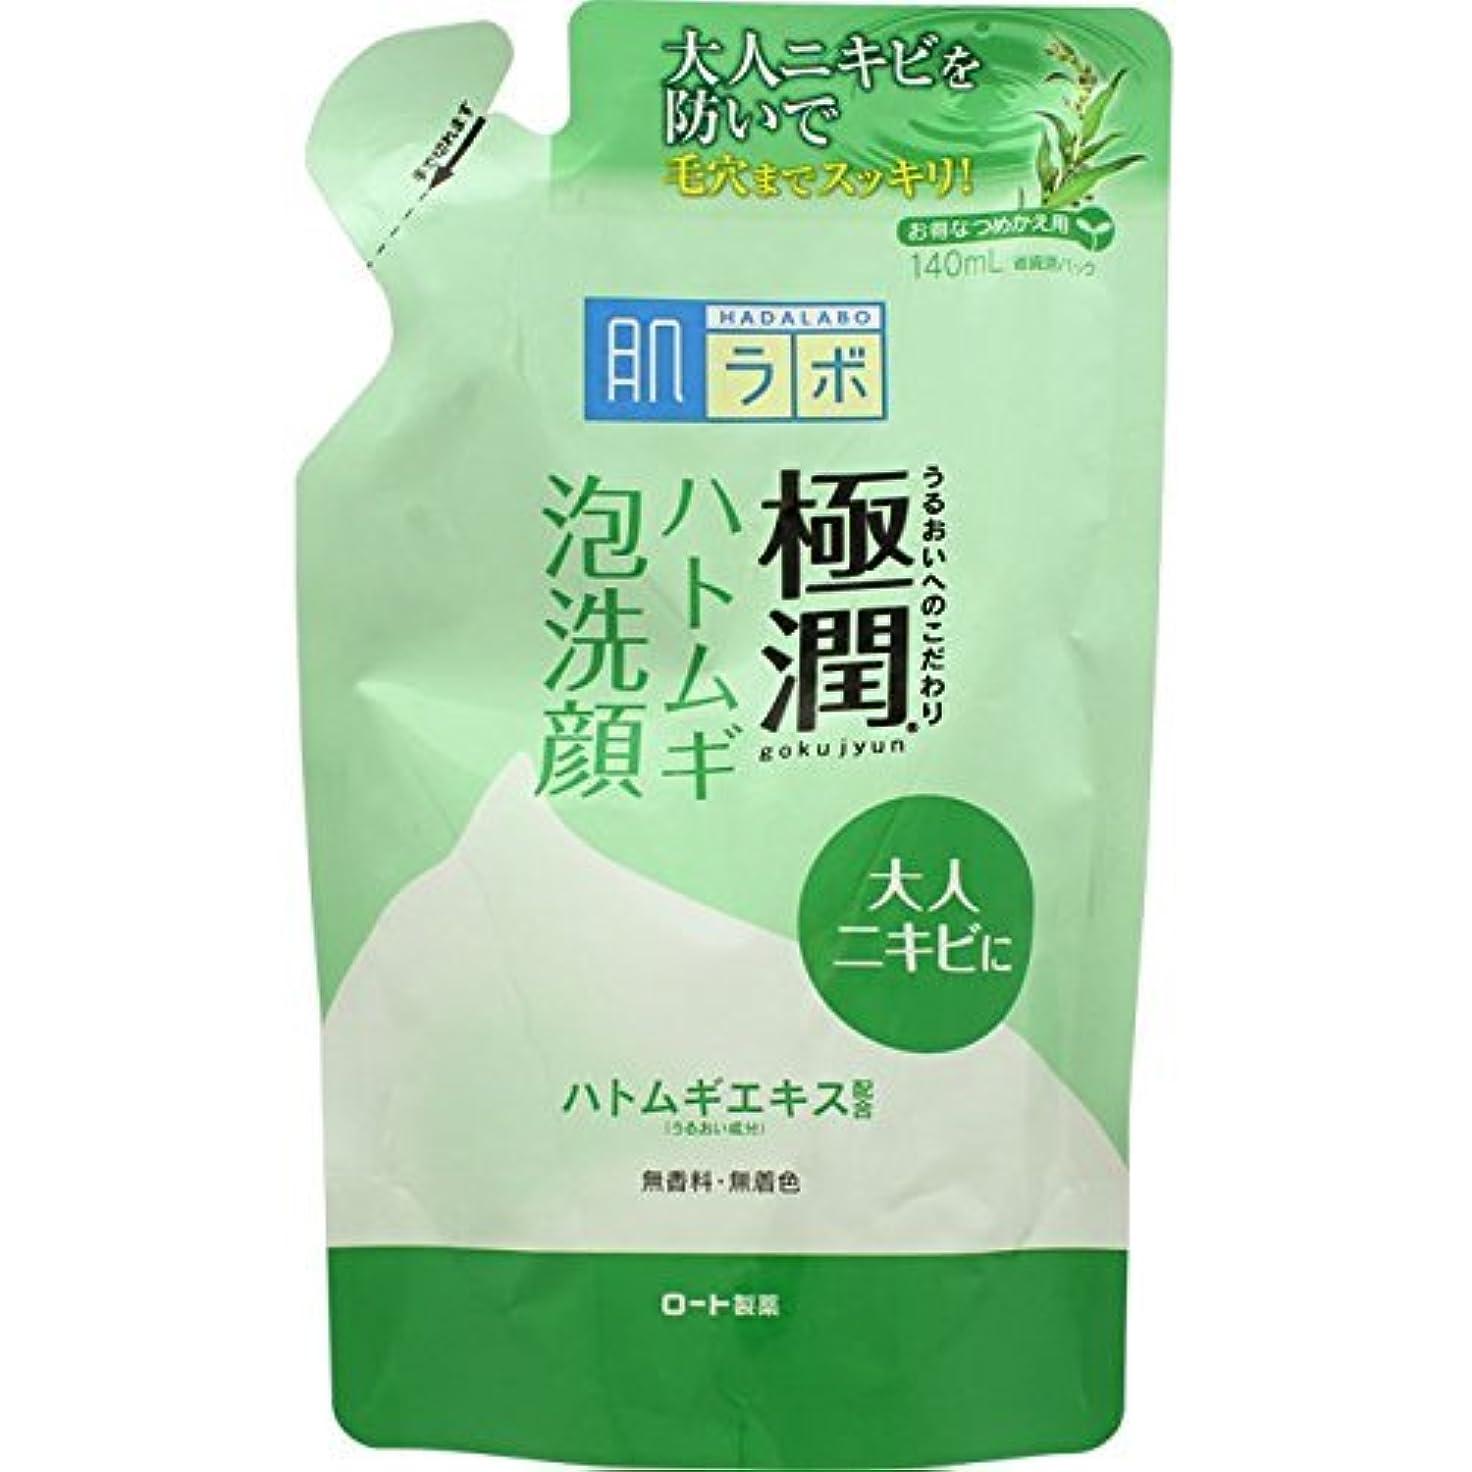 タイマー野菜たくさん肌ラボ 極潤 ハトムギ泡洗顔 つめかえ用 140mL